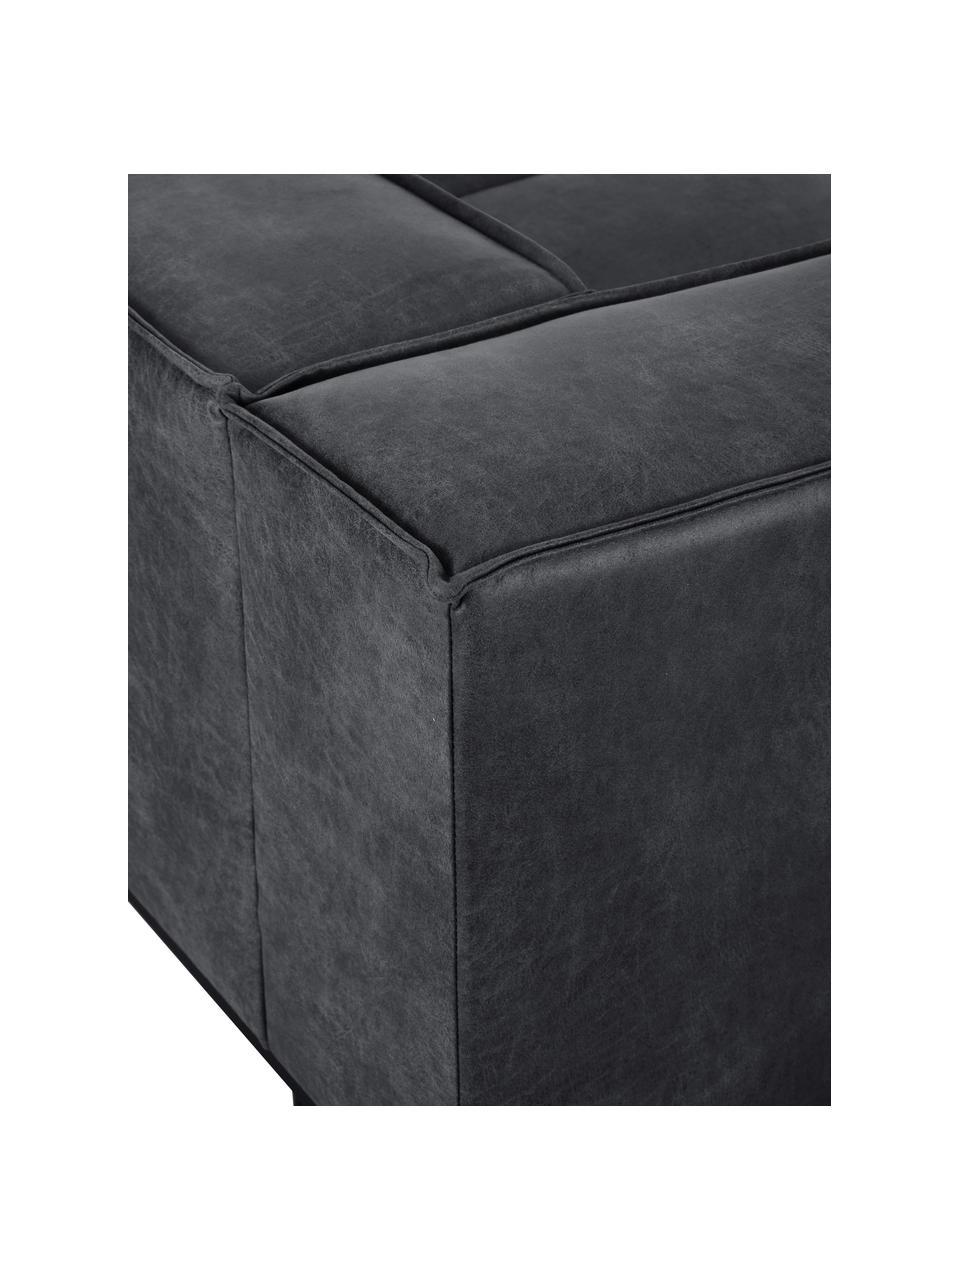 Sofa skórzana z metalowymi nogami Abigail (2-osobowa), Tapicerka: 70% skóra, 30% poliester, Nogi: metal lakierowany, Ciemny szary, S 190 x G 95 cm